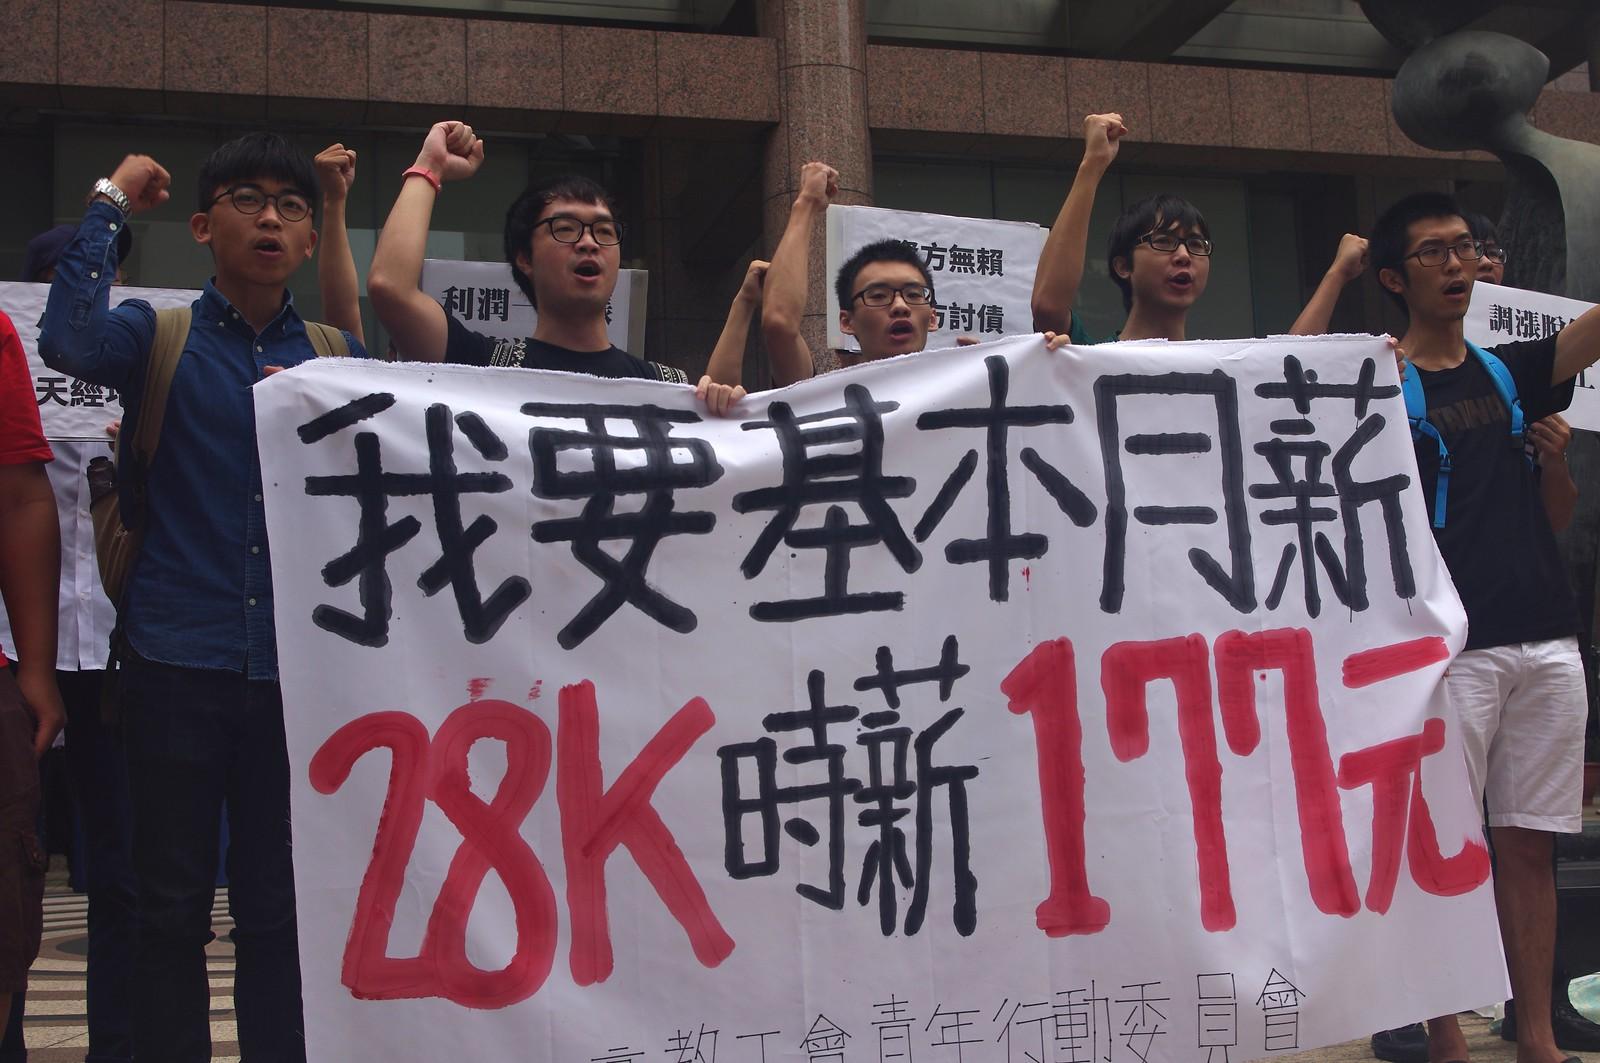 高教工会等团体上午在劳动部外抗议。(摄影:高若想)